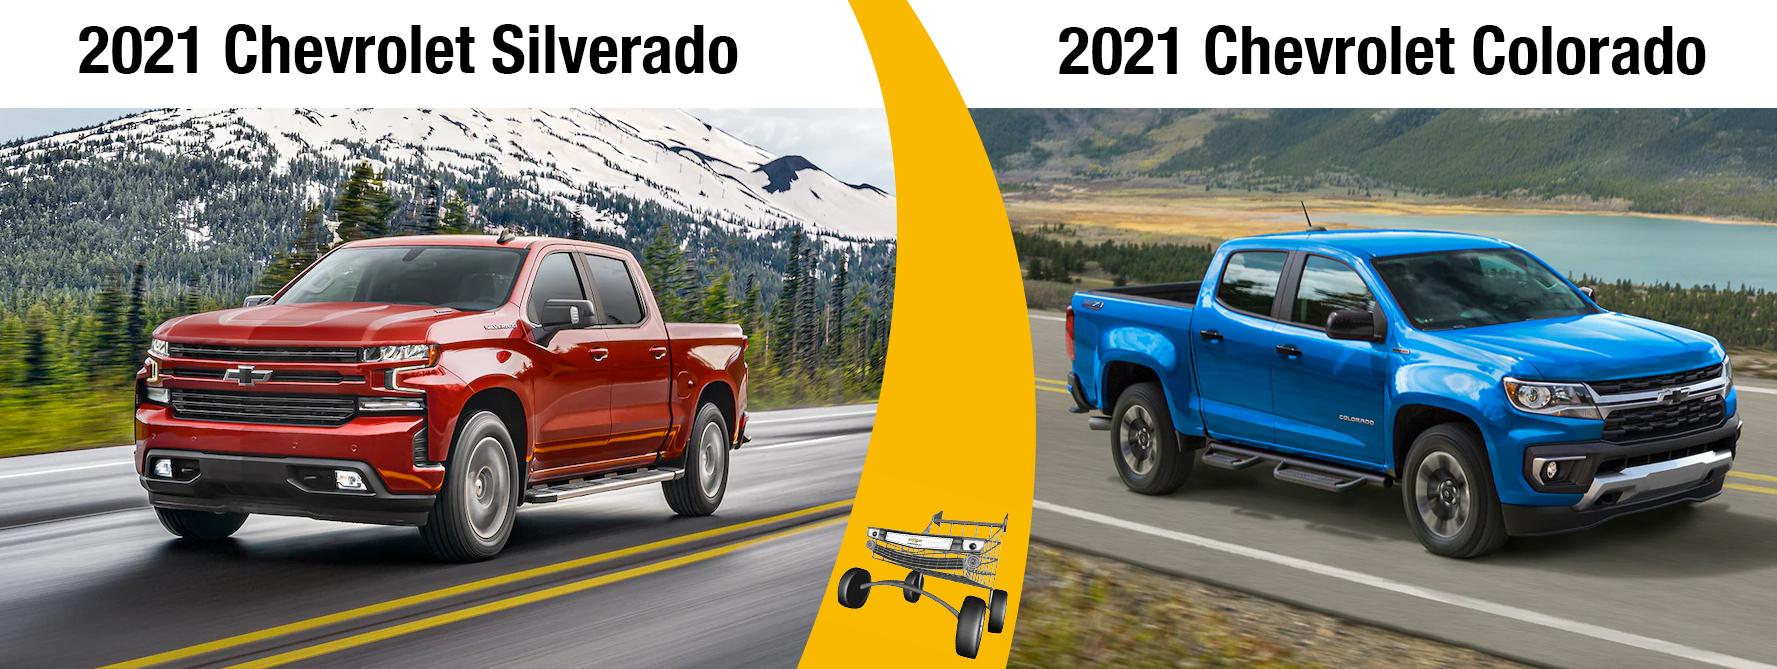 2021 Chevy Silverado vs 2021 Colorado Which To Buy